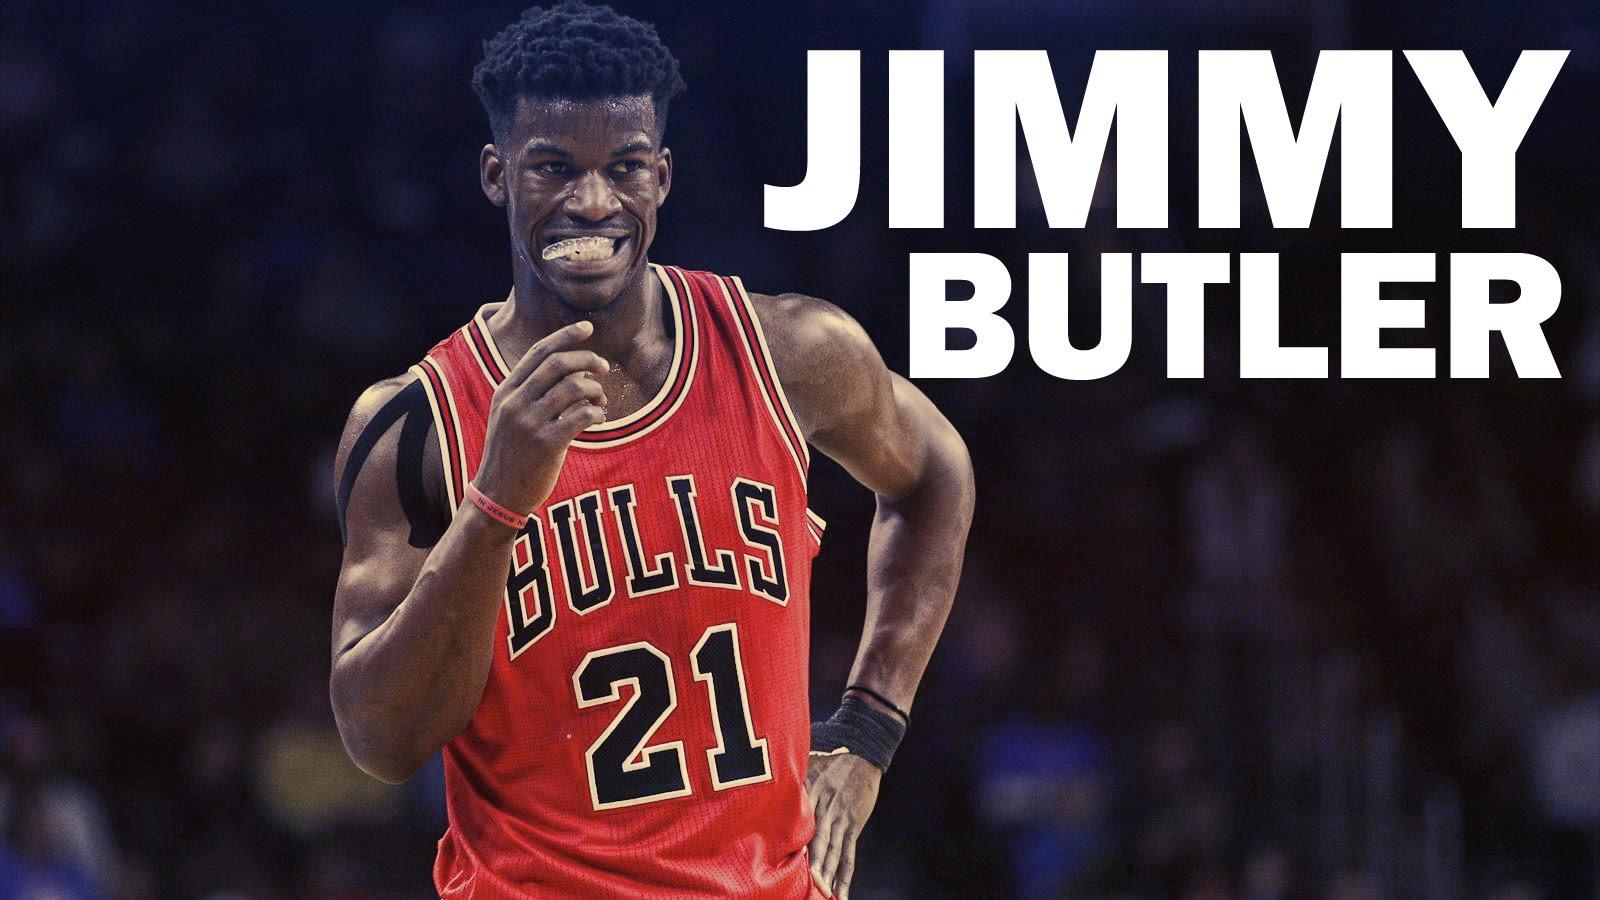 Jimmy Butler Wallpaper Jimmy Butler 1600x900